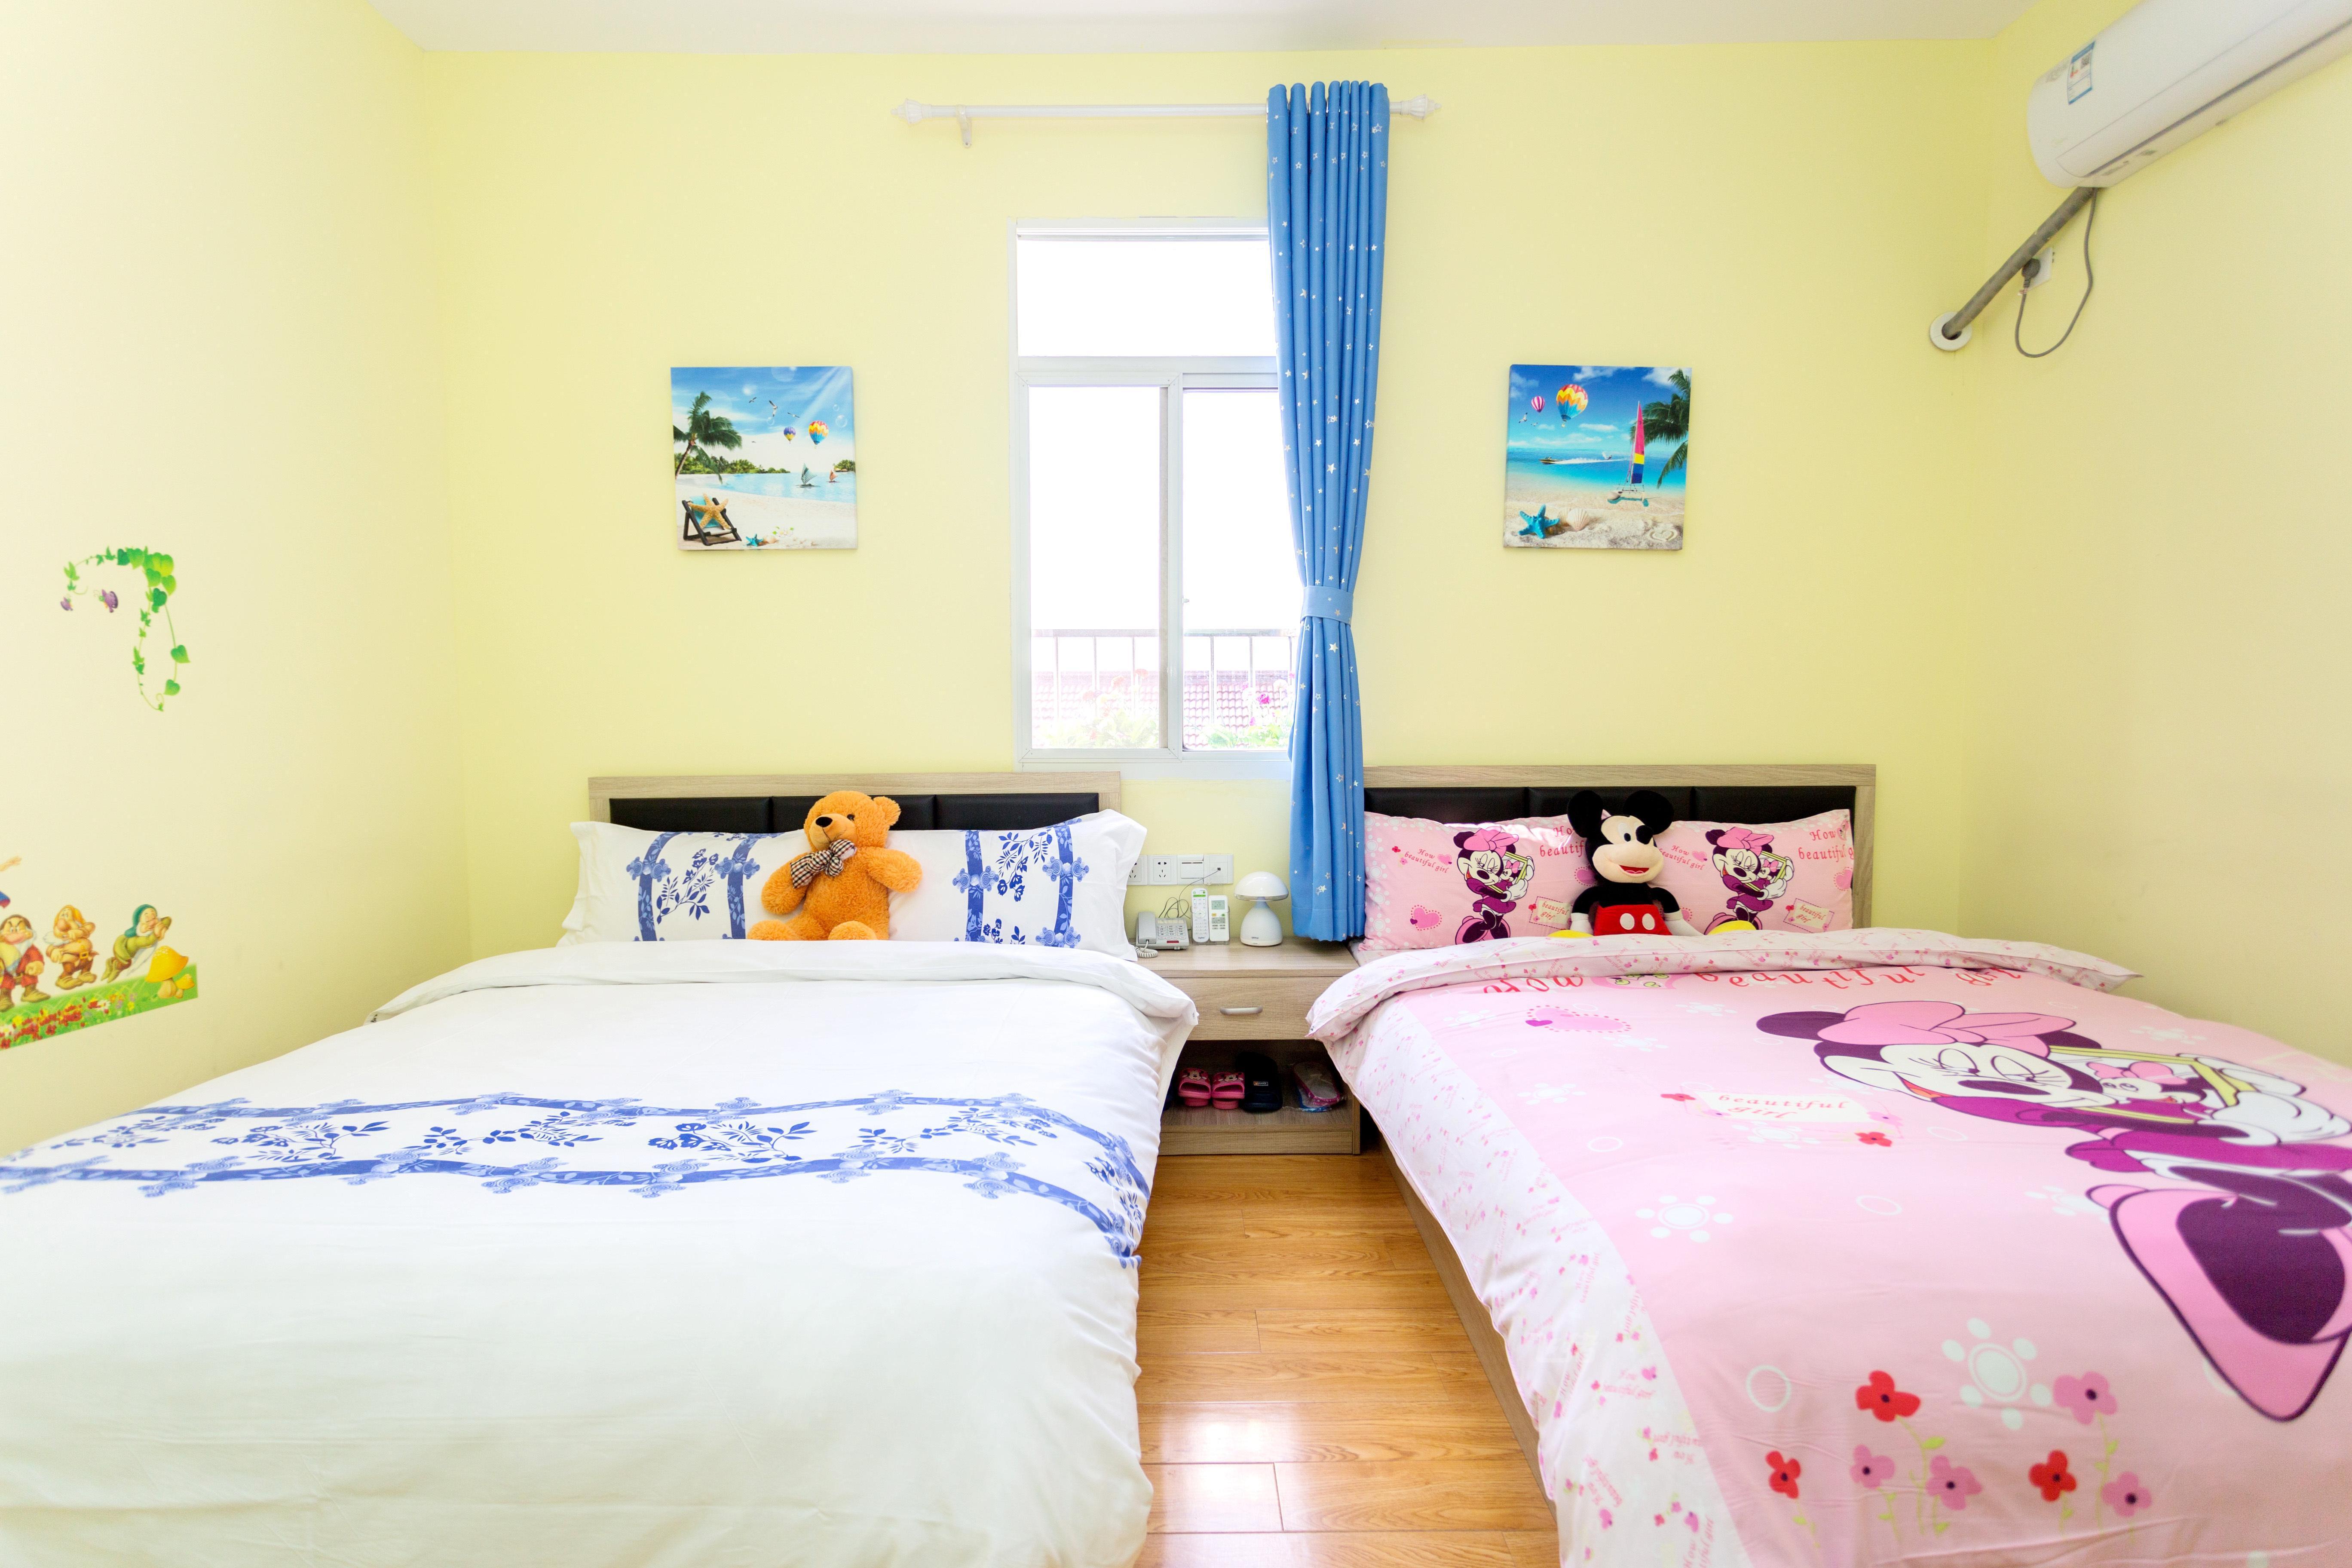 铭忆静墅客栈(上海国际旅游度假区乐园店)蓝色风暴家庭双大床房